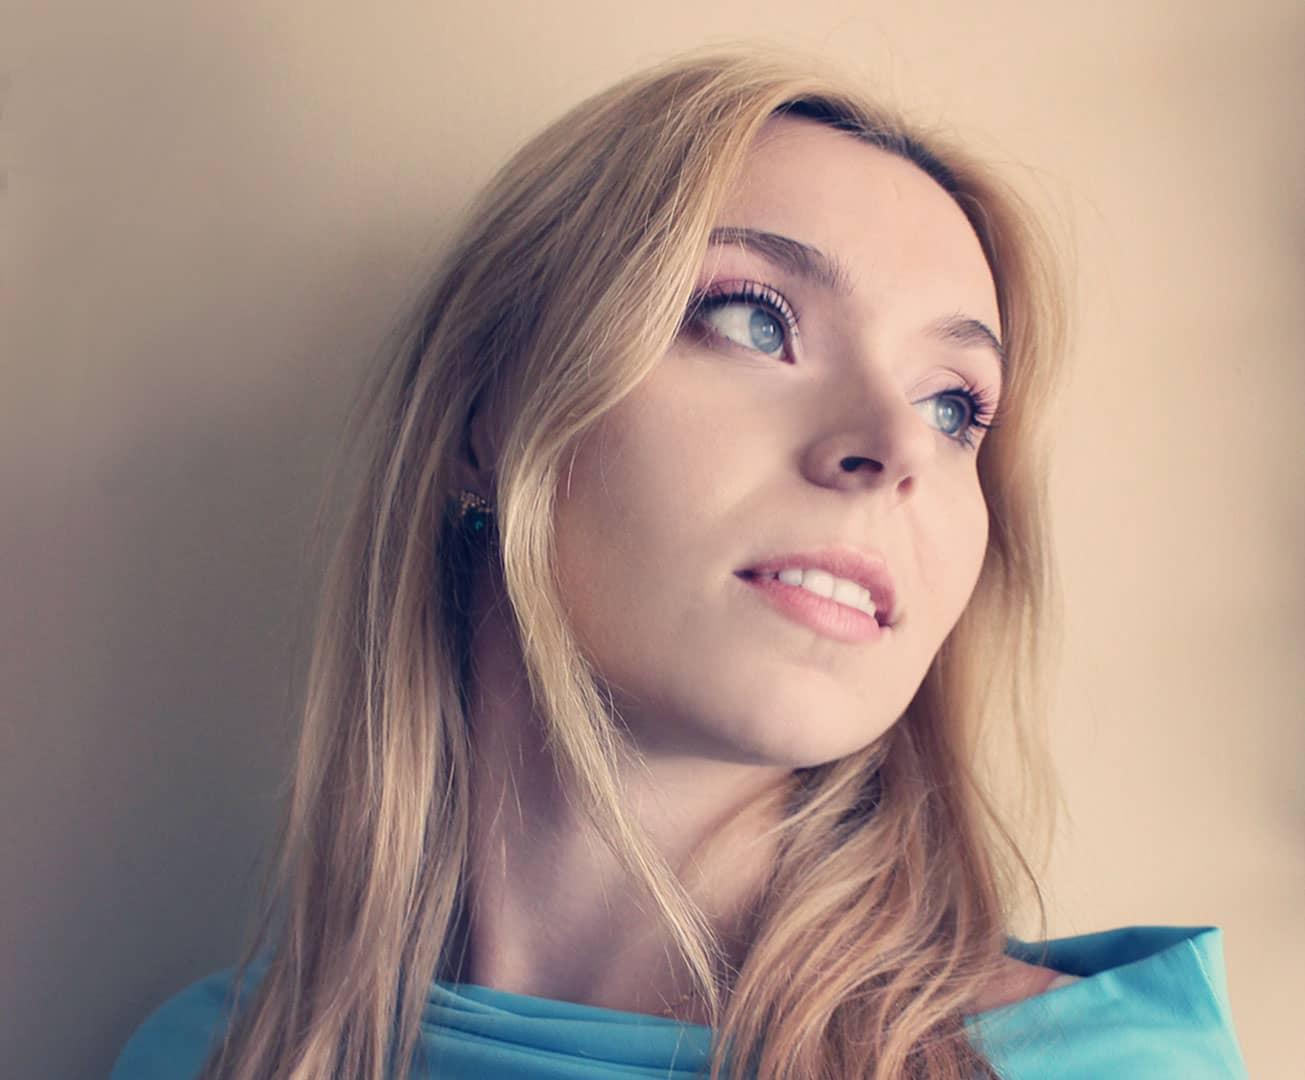 Makijażystka i wizażystka Karolina Kałyszewska